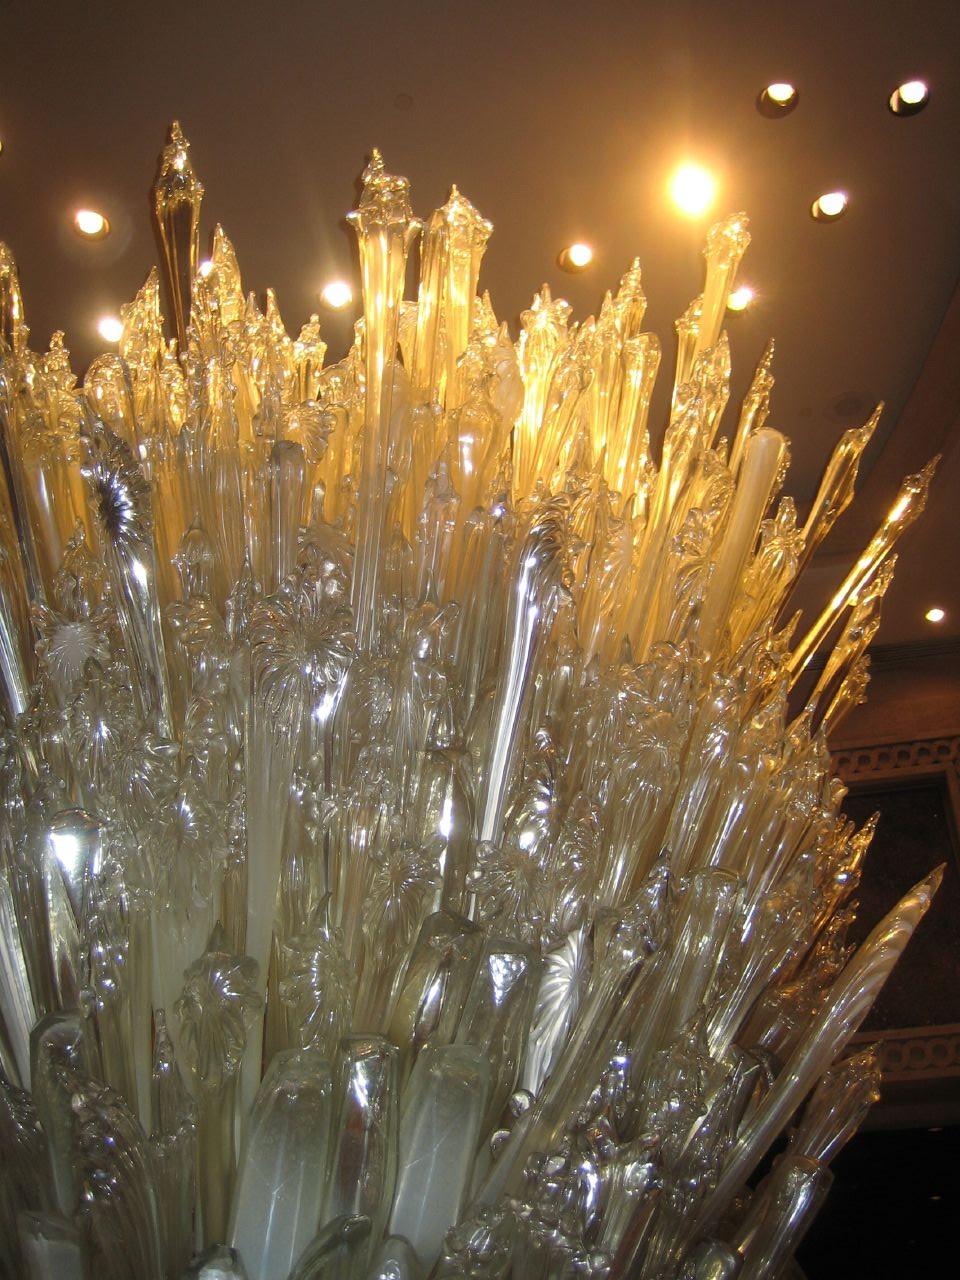 Fileglass sculpture at the atlantis casinog wikimedia commons fileglass sculpture at the atlantis casinog arubaitofo Image collections